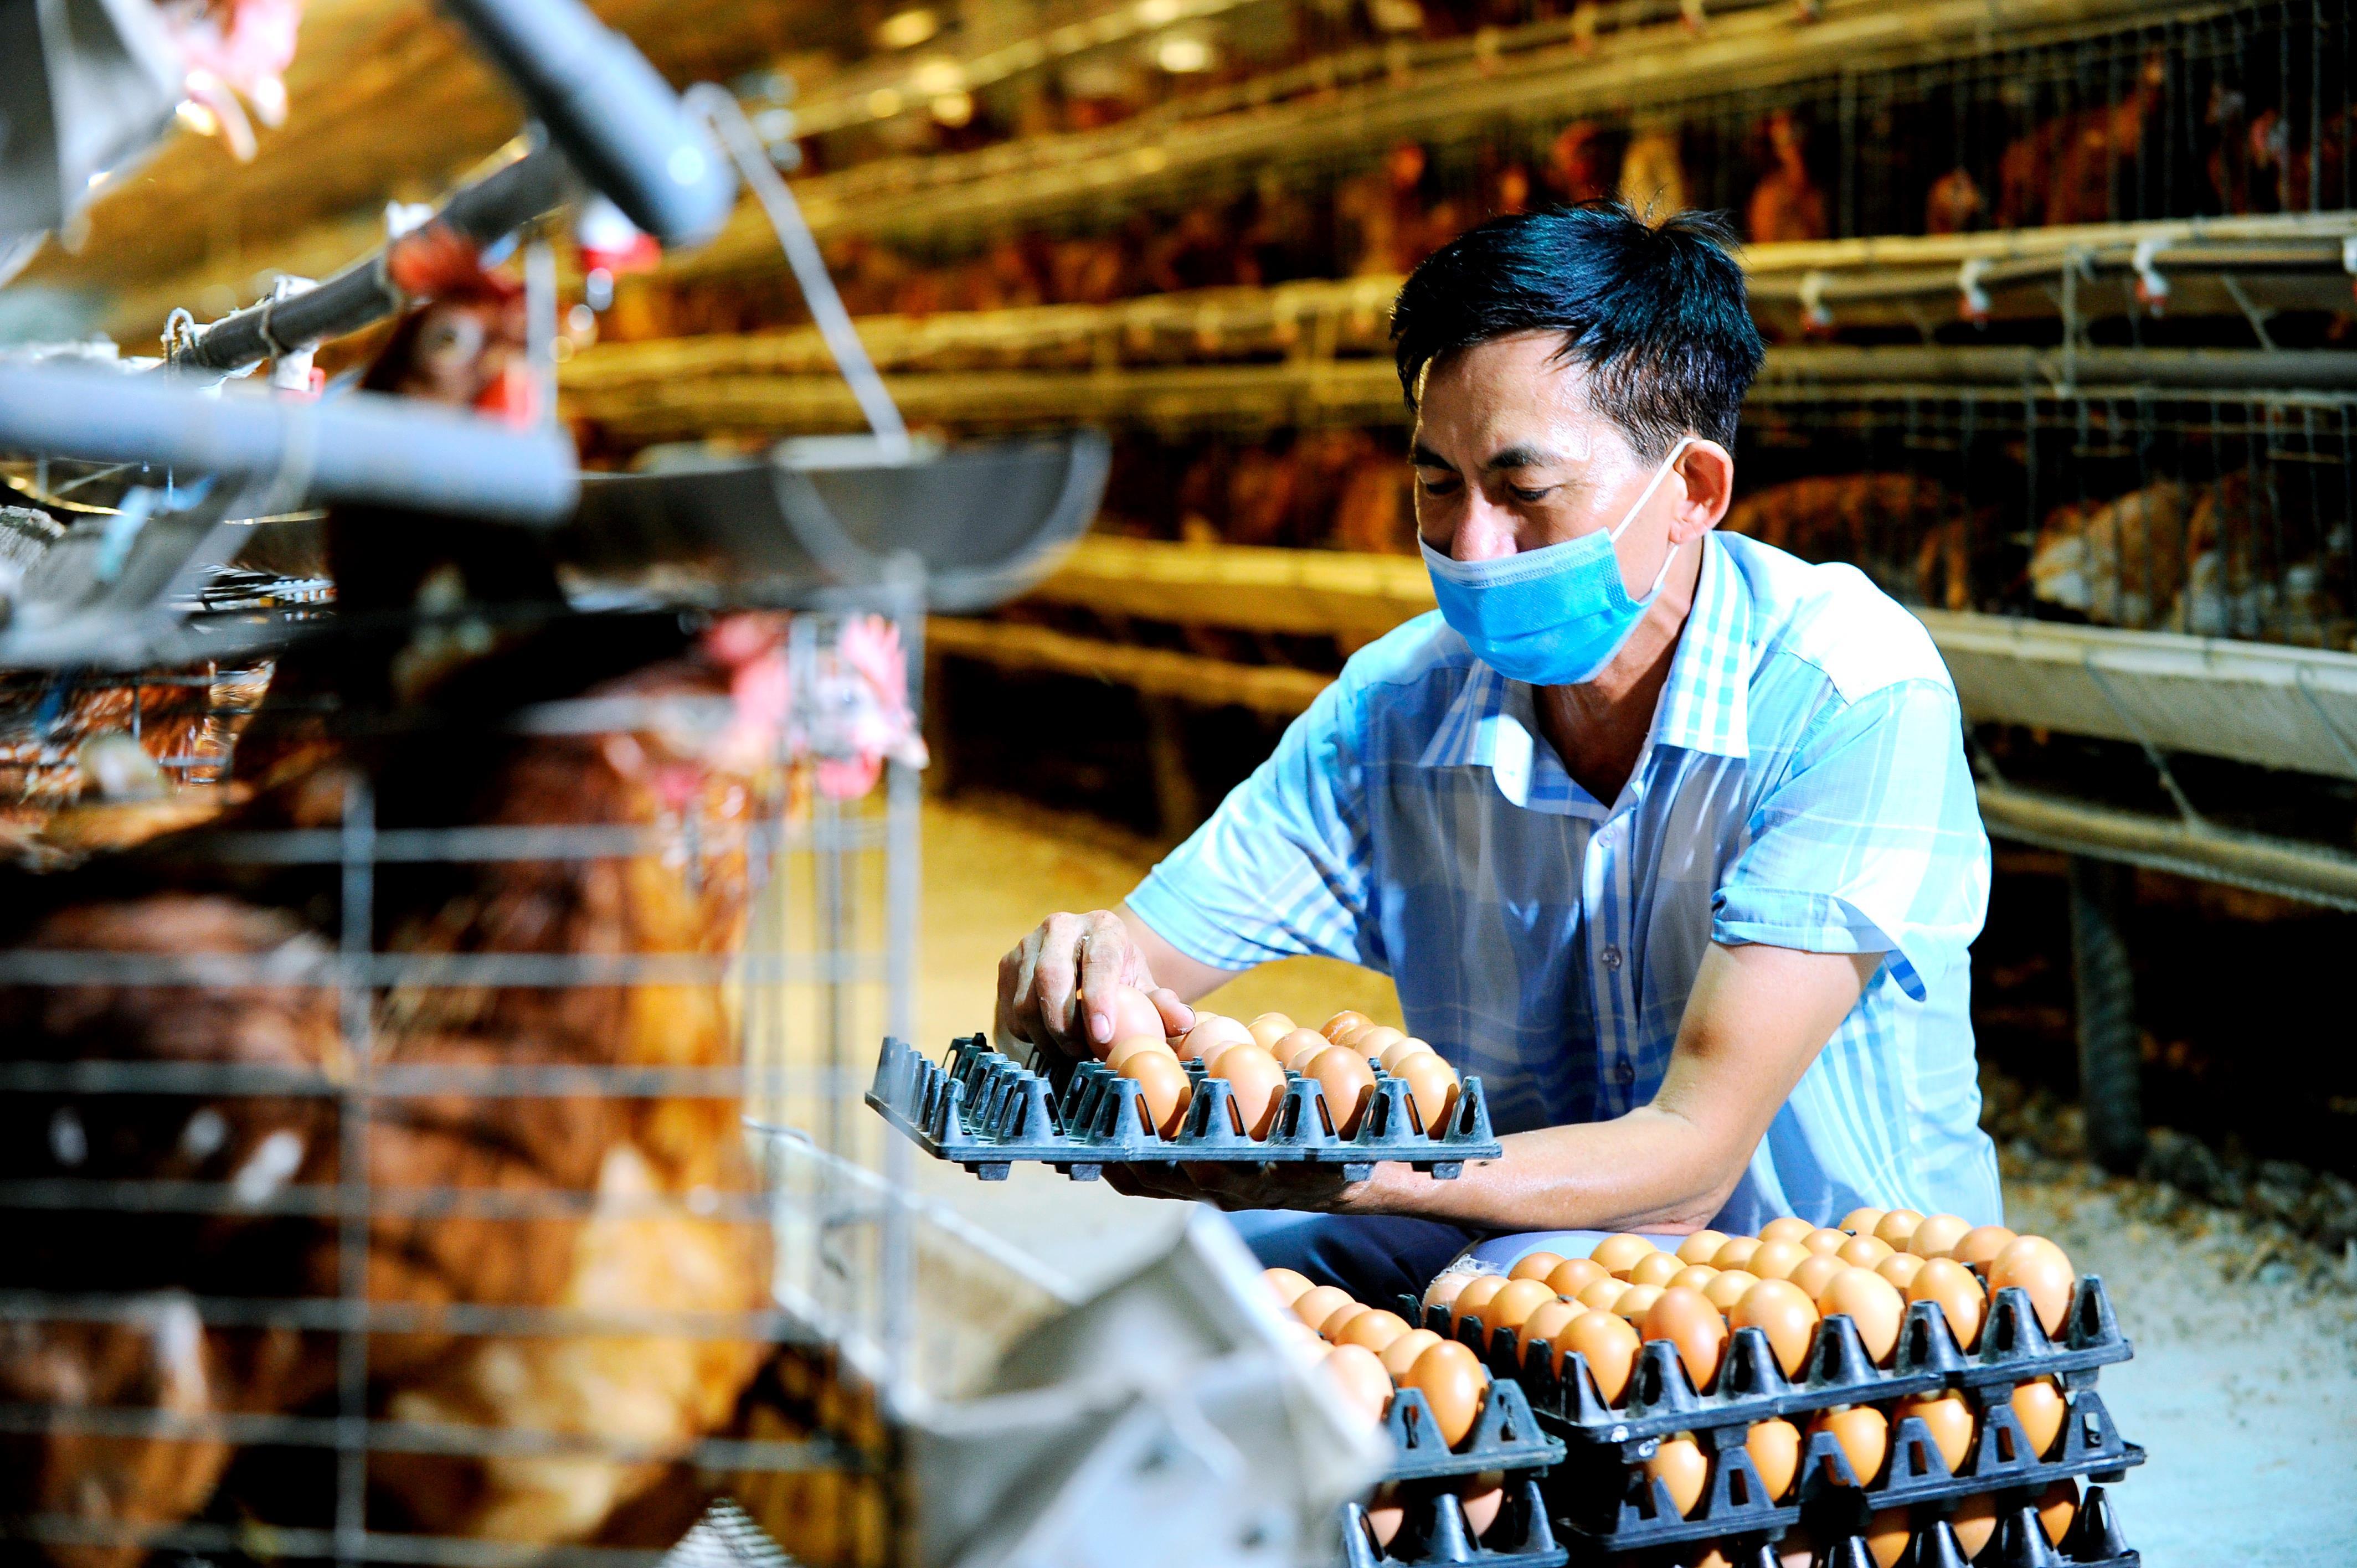 Là cơ sở nuôi gà đẻ trứng lớn nhất nhì Hải Dương, mỗi ngày xuất bán hơn 4 vạn quả, nhưng trước kia ông Đào Hữu Thuân ở xã Cẩm Đông (Cẩm Giàng) chỉ mải lo sản xuất, còn việc tiêu thụ vẫn theo nếp cũ vì gia đình có nhiều mối quen đổ buôn ở trong và ngoài tỉnh. Sau biến cố vì dịch Covid-19 làm trứng gà khó bán theo cách truyền thống, ông Thuân mới bắt đầu tìm hiểu về bán hàng trực tuyến.